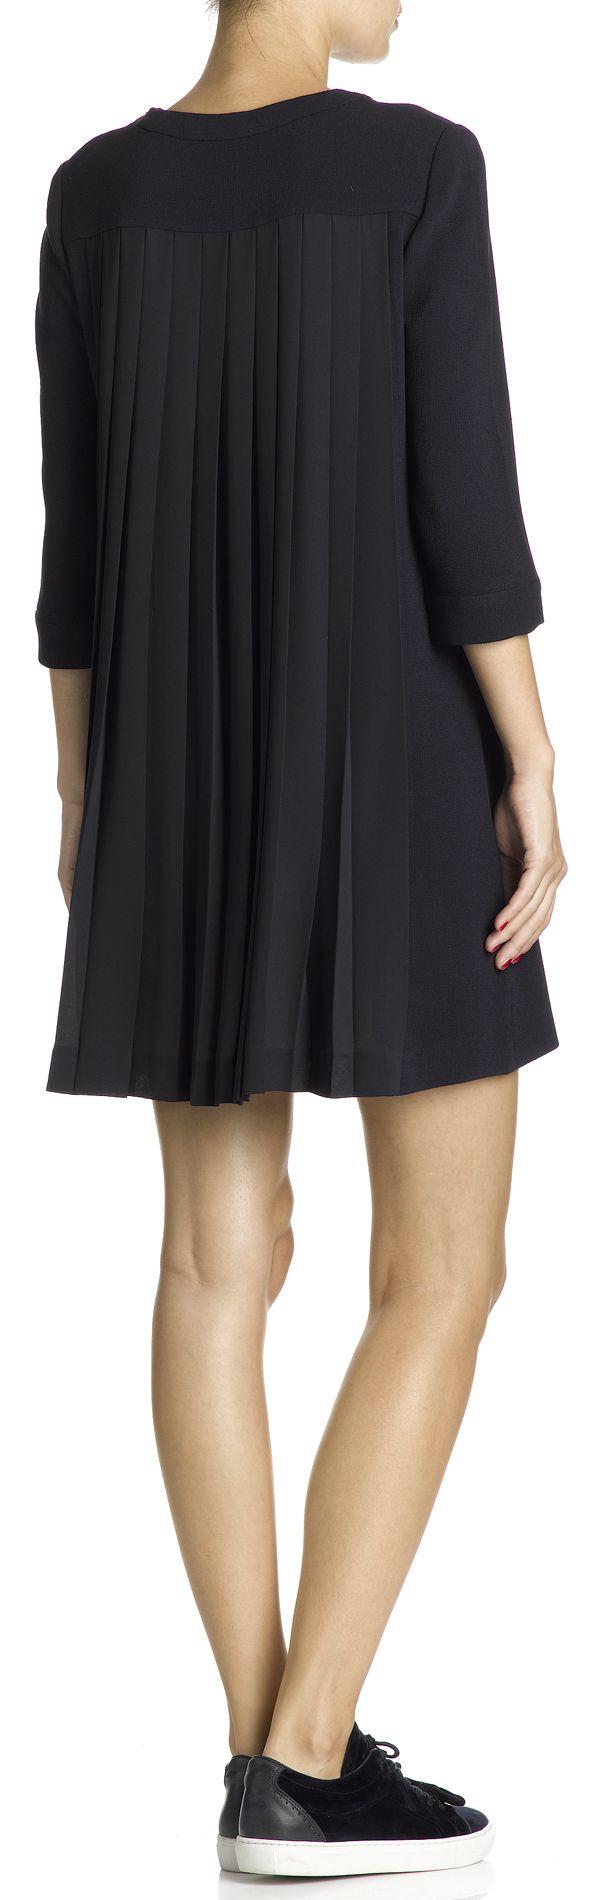 Petite robe noire vente en ligne